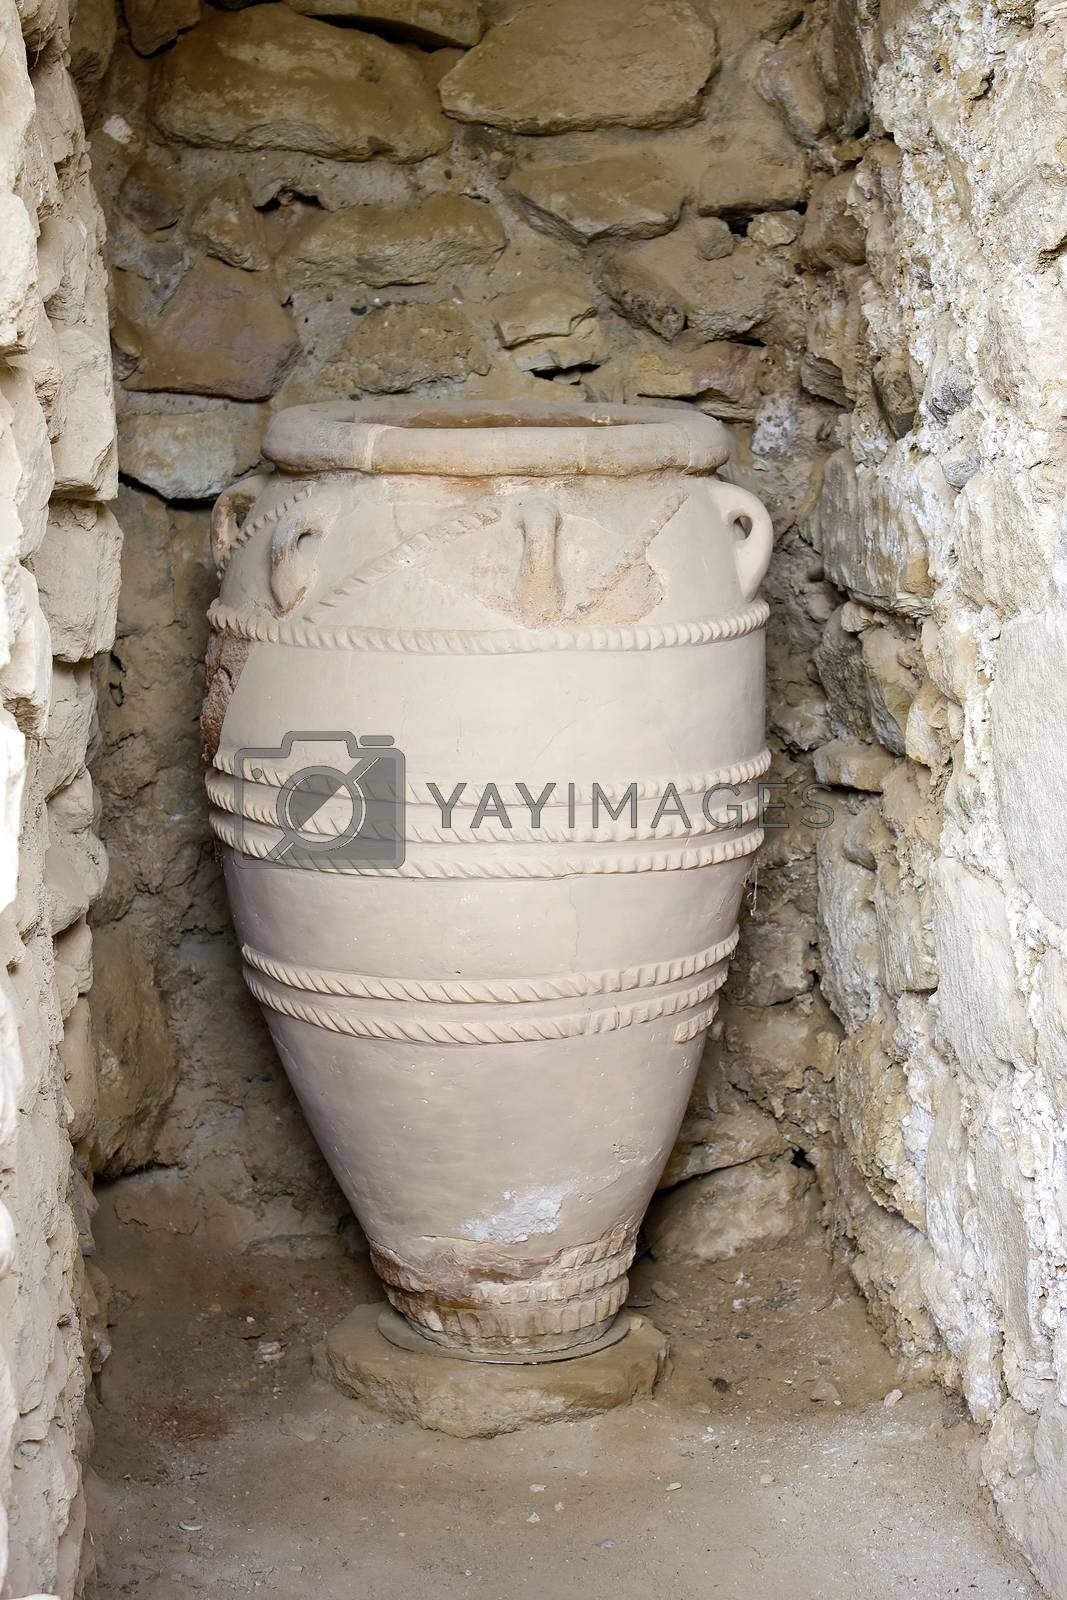 Minoan vase clay pots in Phaistos or Festos, Crete